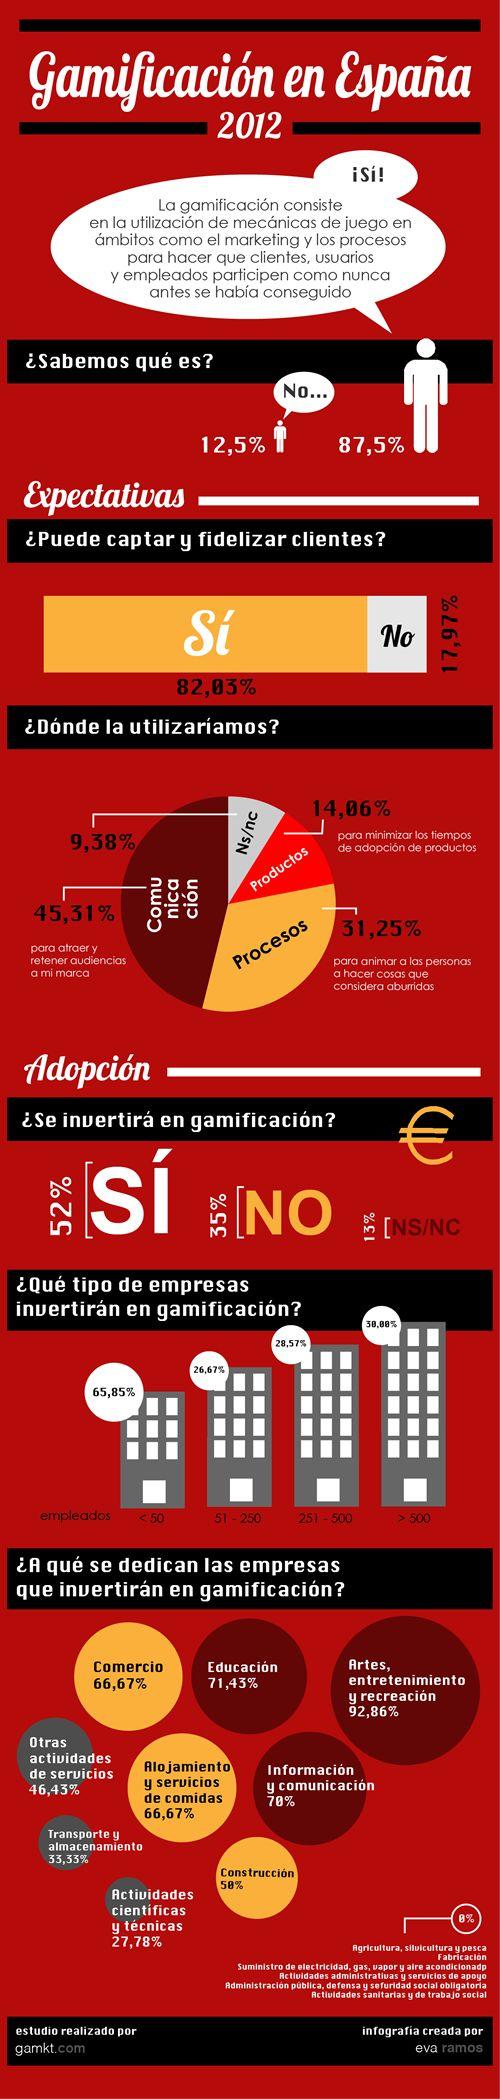 La gamificación en España 2012 ¿Y en salud?